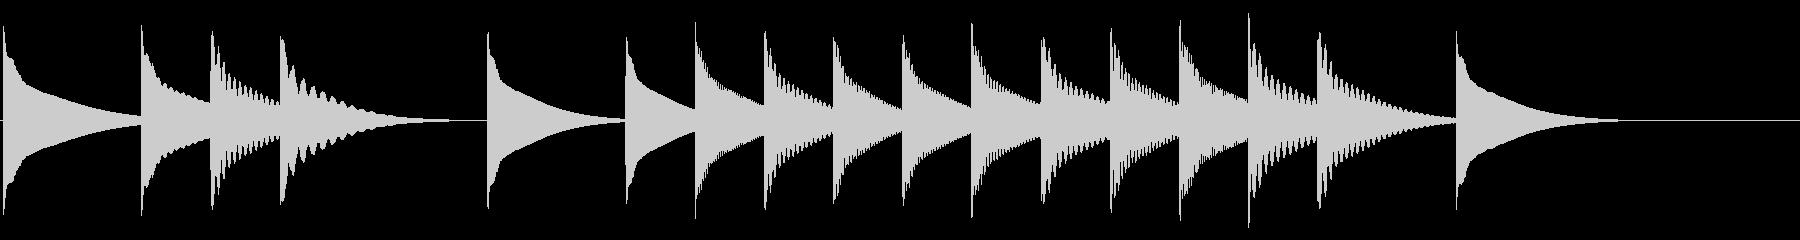 かわいいポップな場面転換の未再生の波形